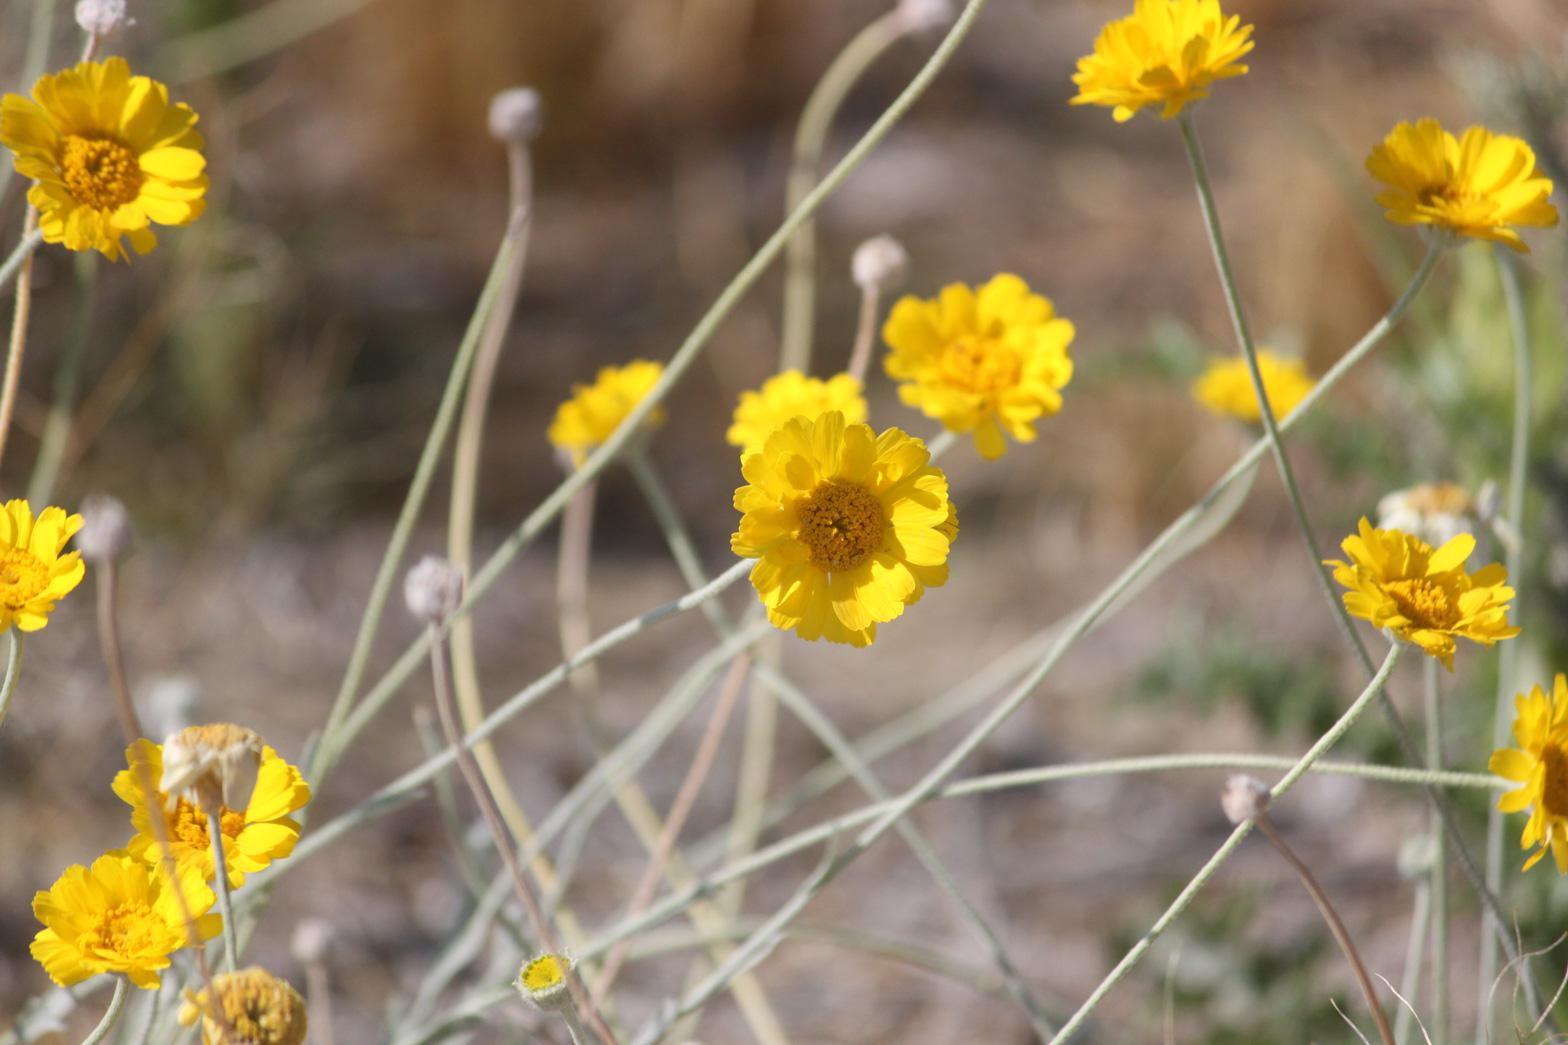 A close-up of Desert Marigold flowers.